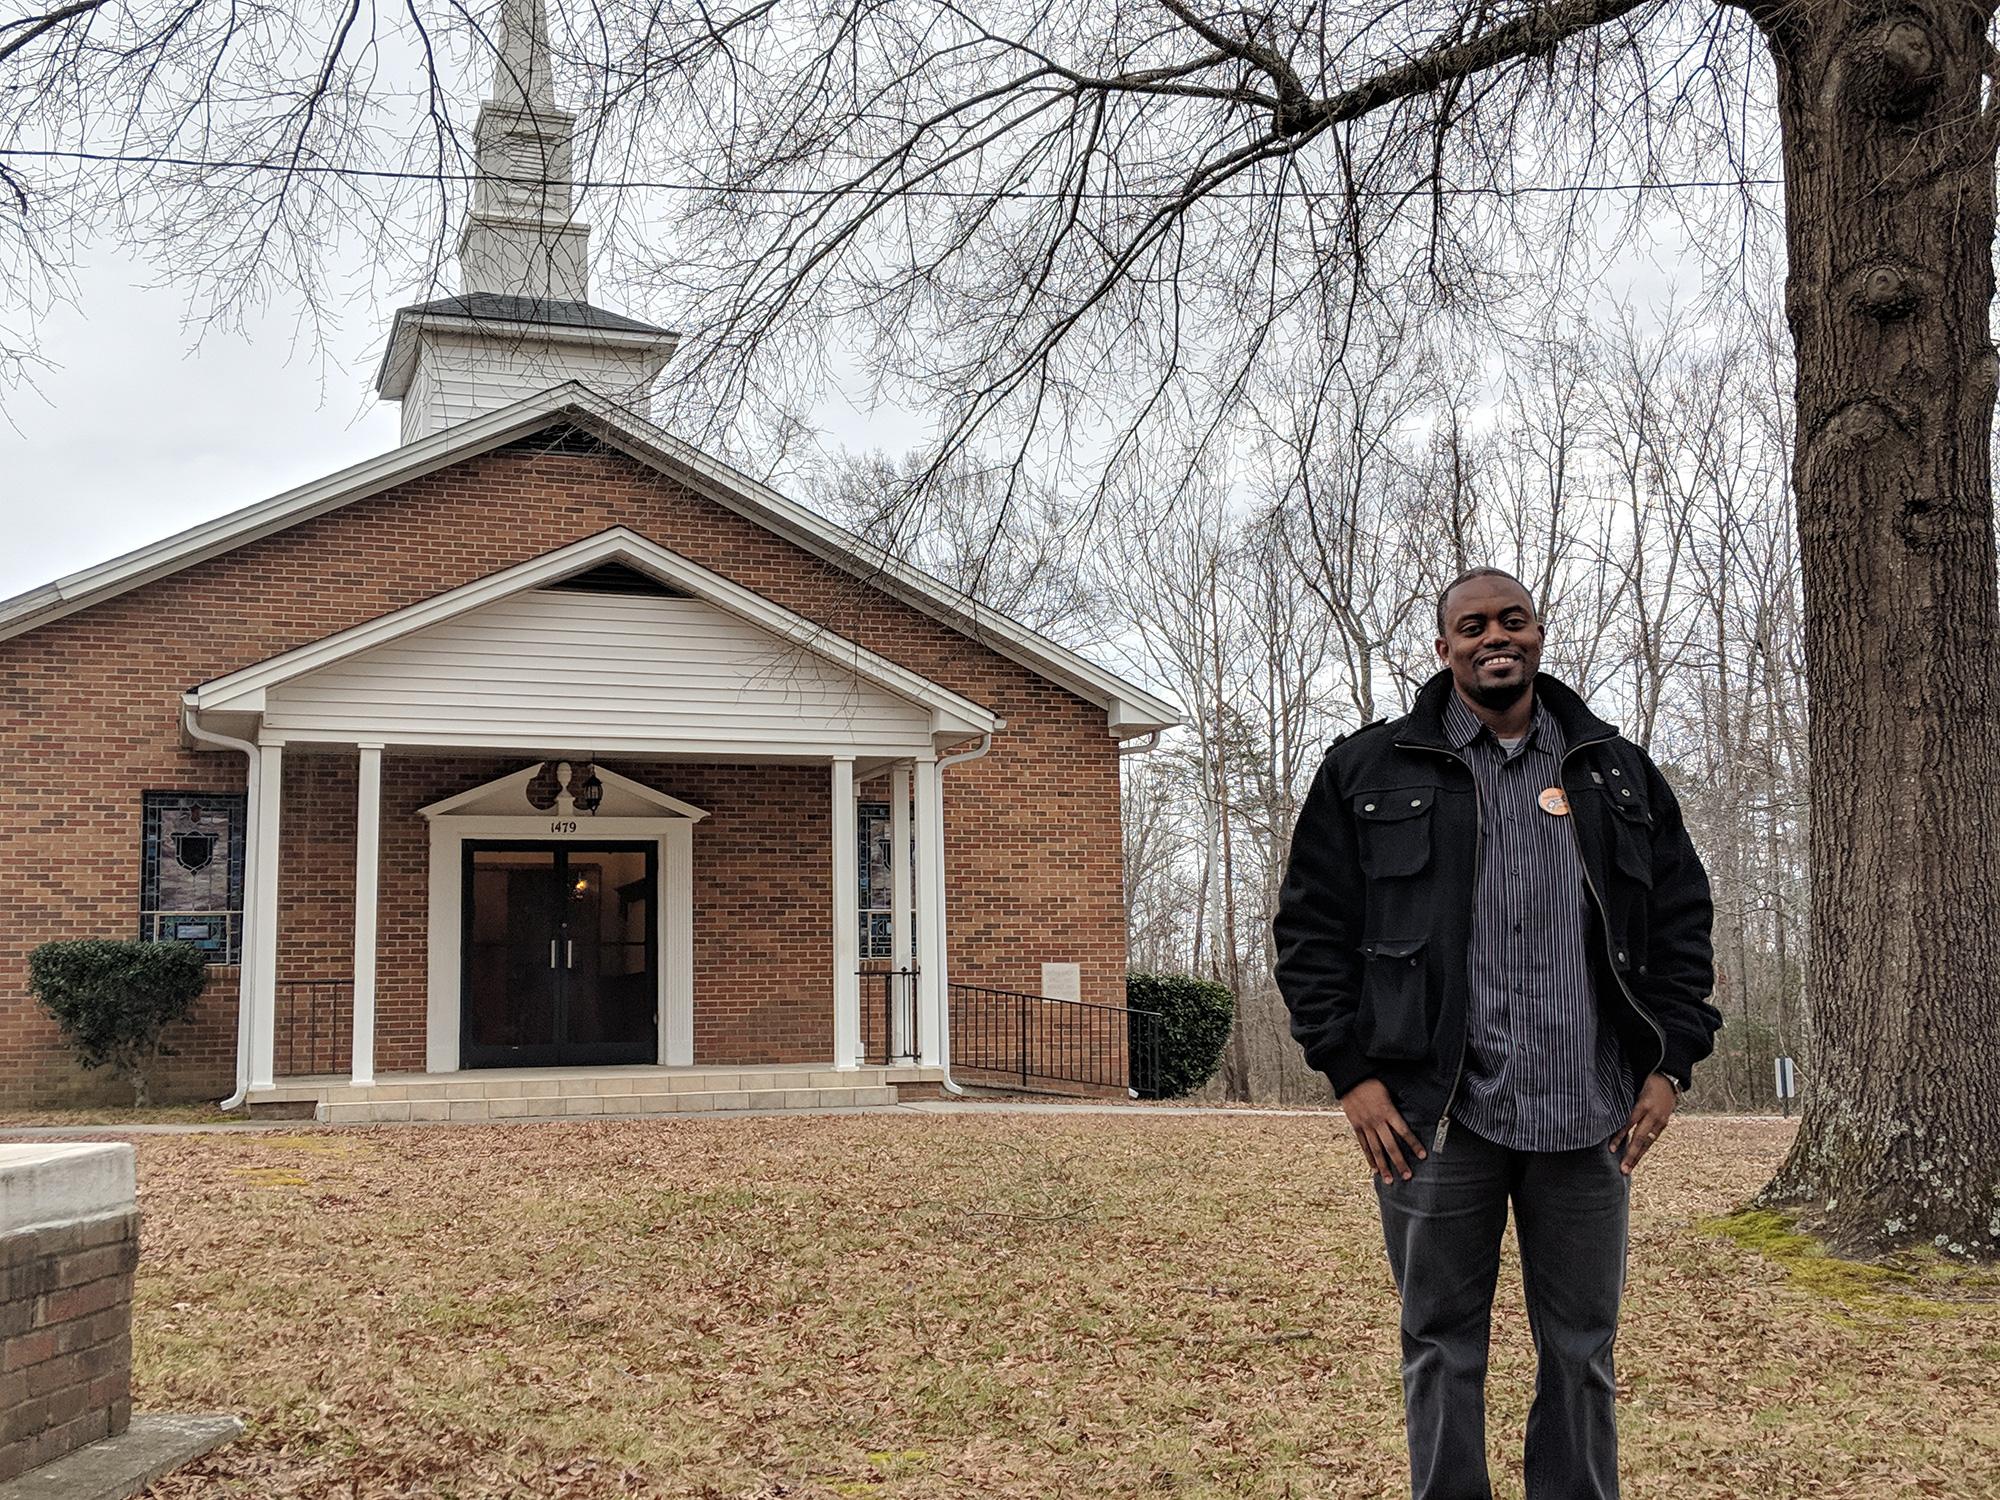 man by church